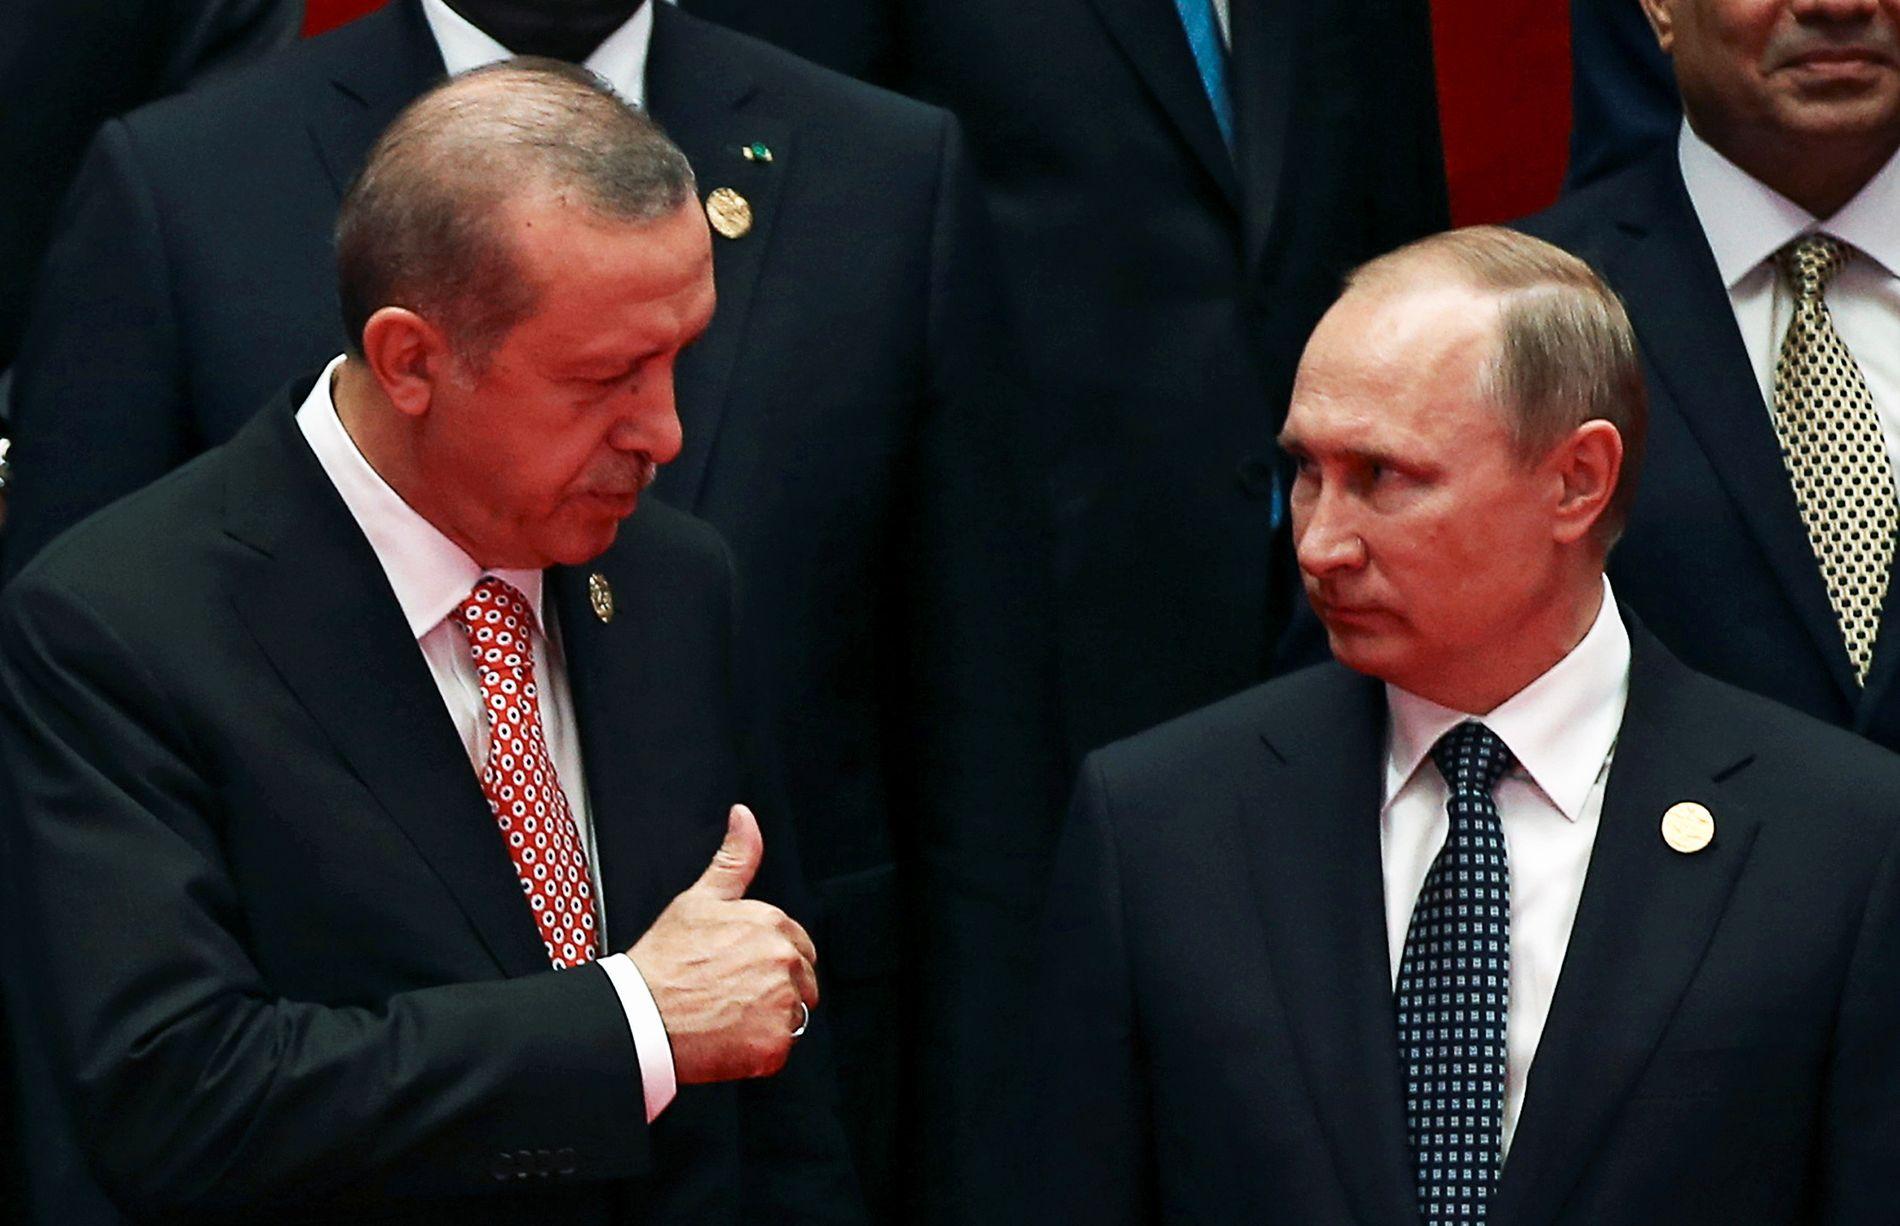 AVTALE: Tyrkias president Recep Tayyip Erdogan viser «tommel opp» til Russlands president Vladimir Putin under G20 møtet i Kina i begynnelsen av september.